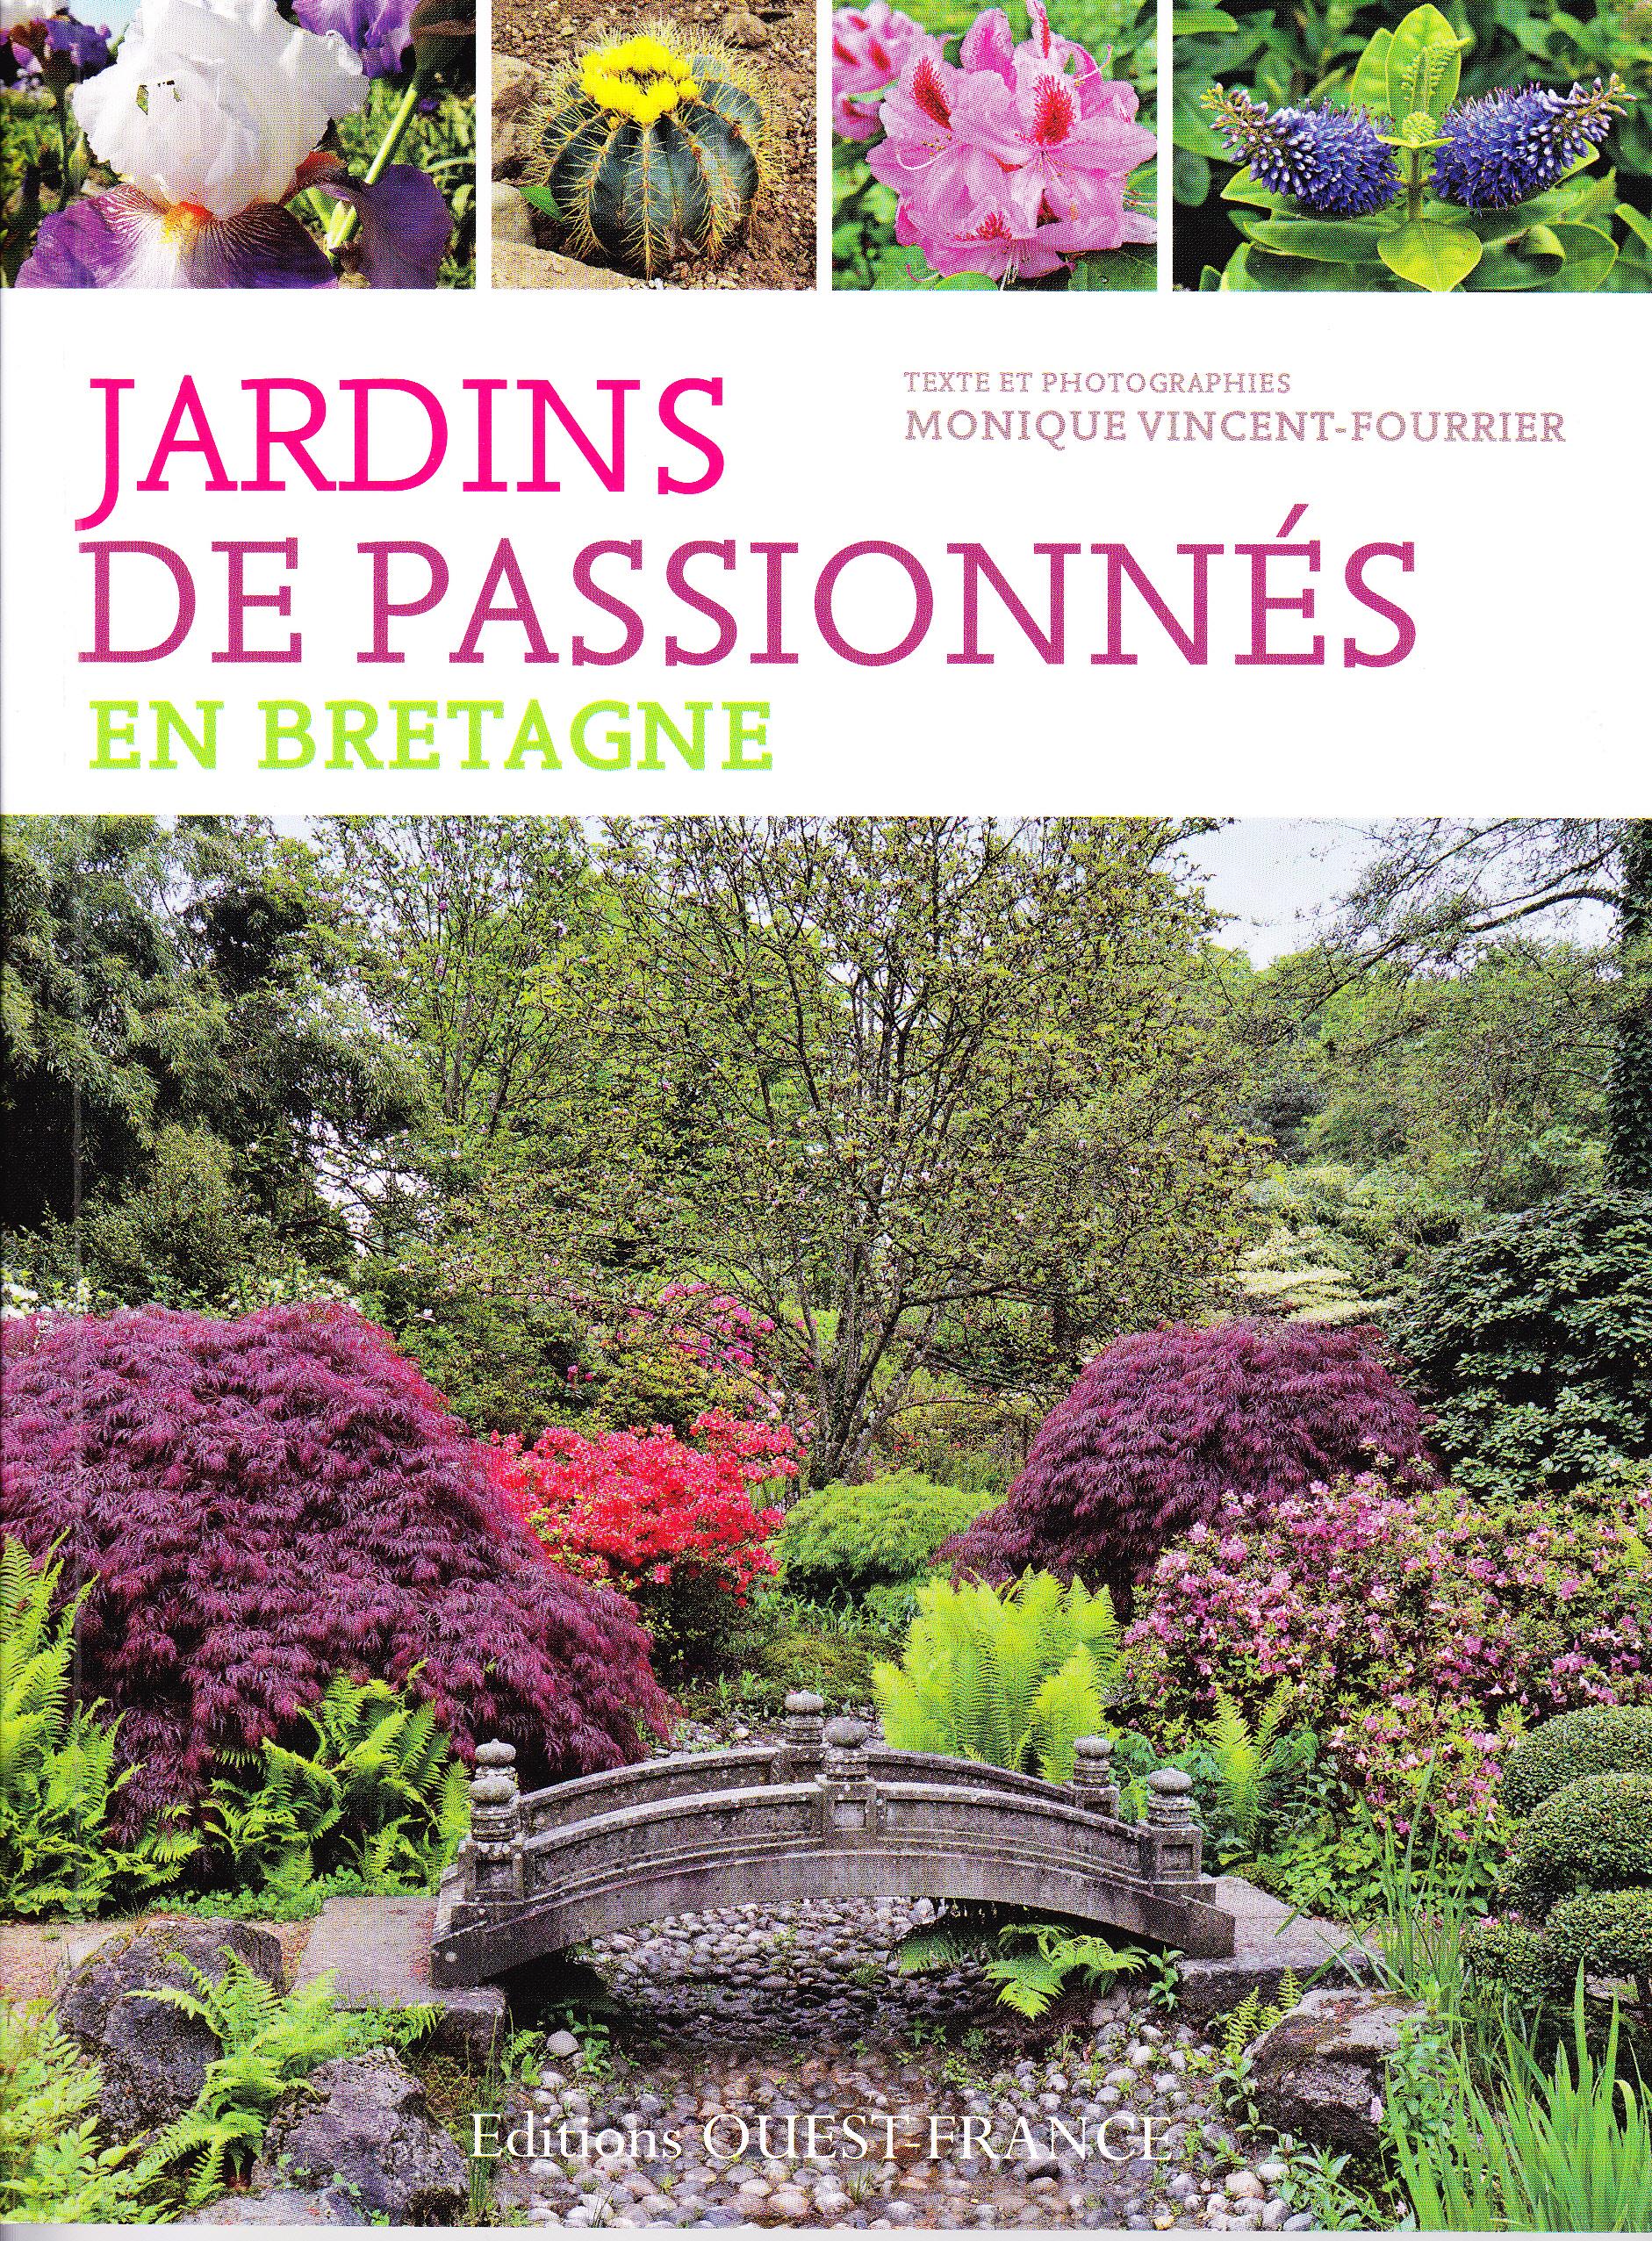 Jardins de passionn s en bretagne par monique vincent fourrier editions ouest france - Jardins de bretagne a visiter ...